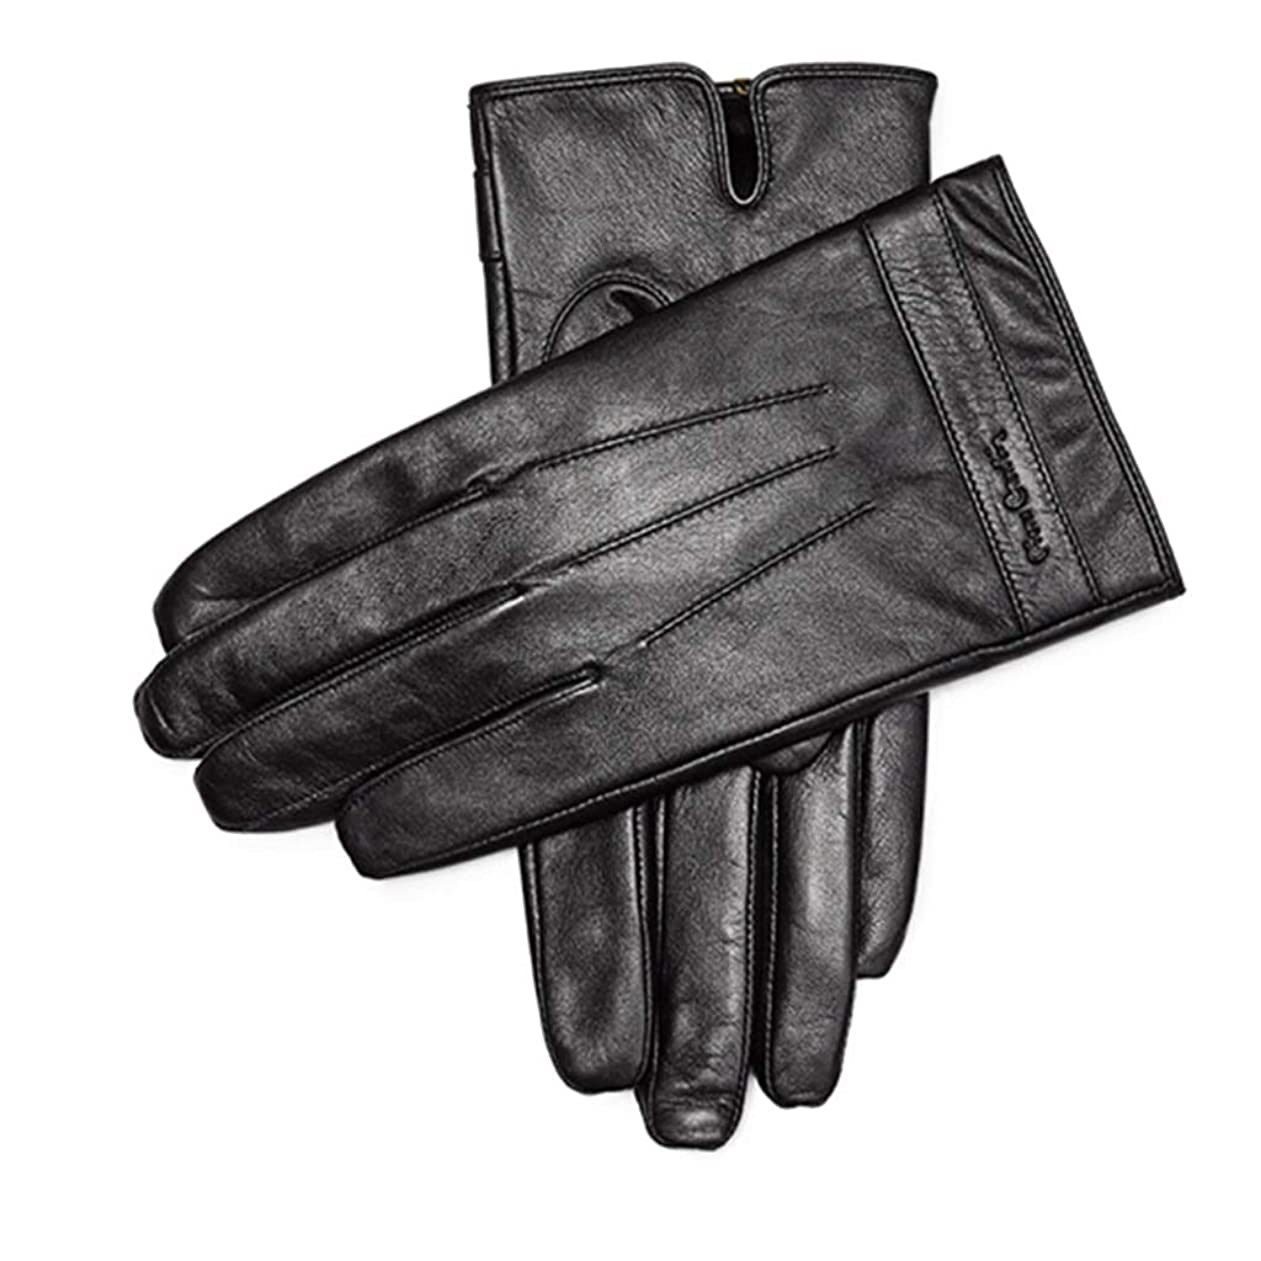 ぐったり放牧する糞手袋暖かい肥厚プラスベルベットメンズシープスキン手袋メンズウィンターアンチスキッドサイクリングレザーグローブタッチスクリーンモデル(883191170-1厚いベルベット)L(175 / 65-70KG)